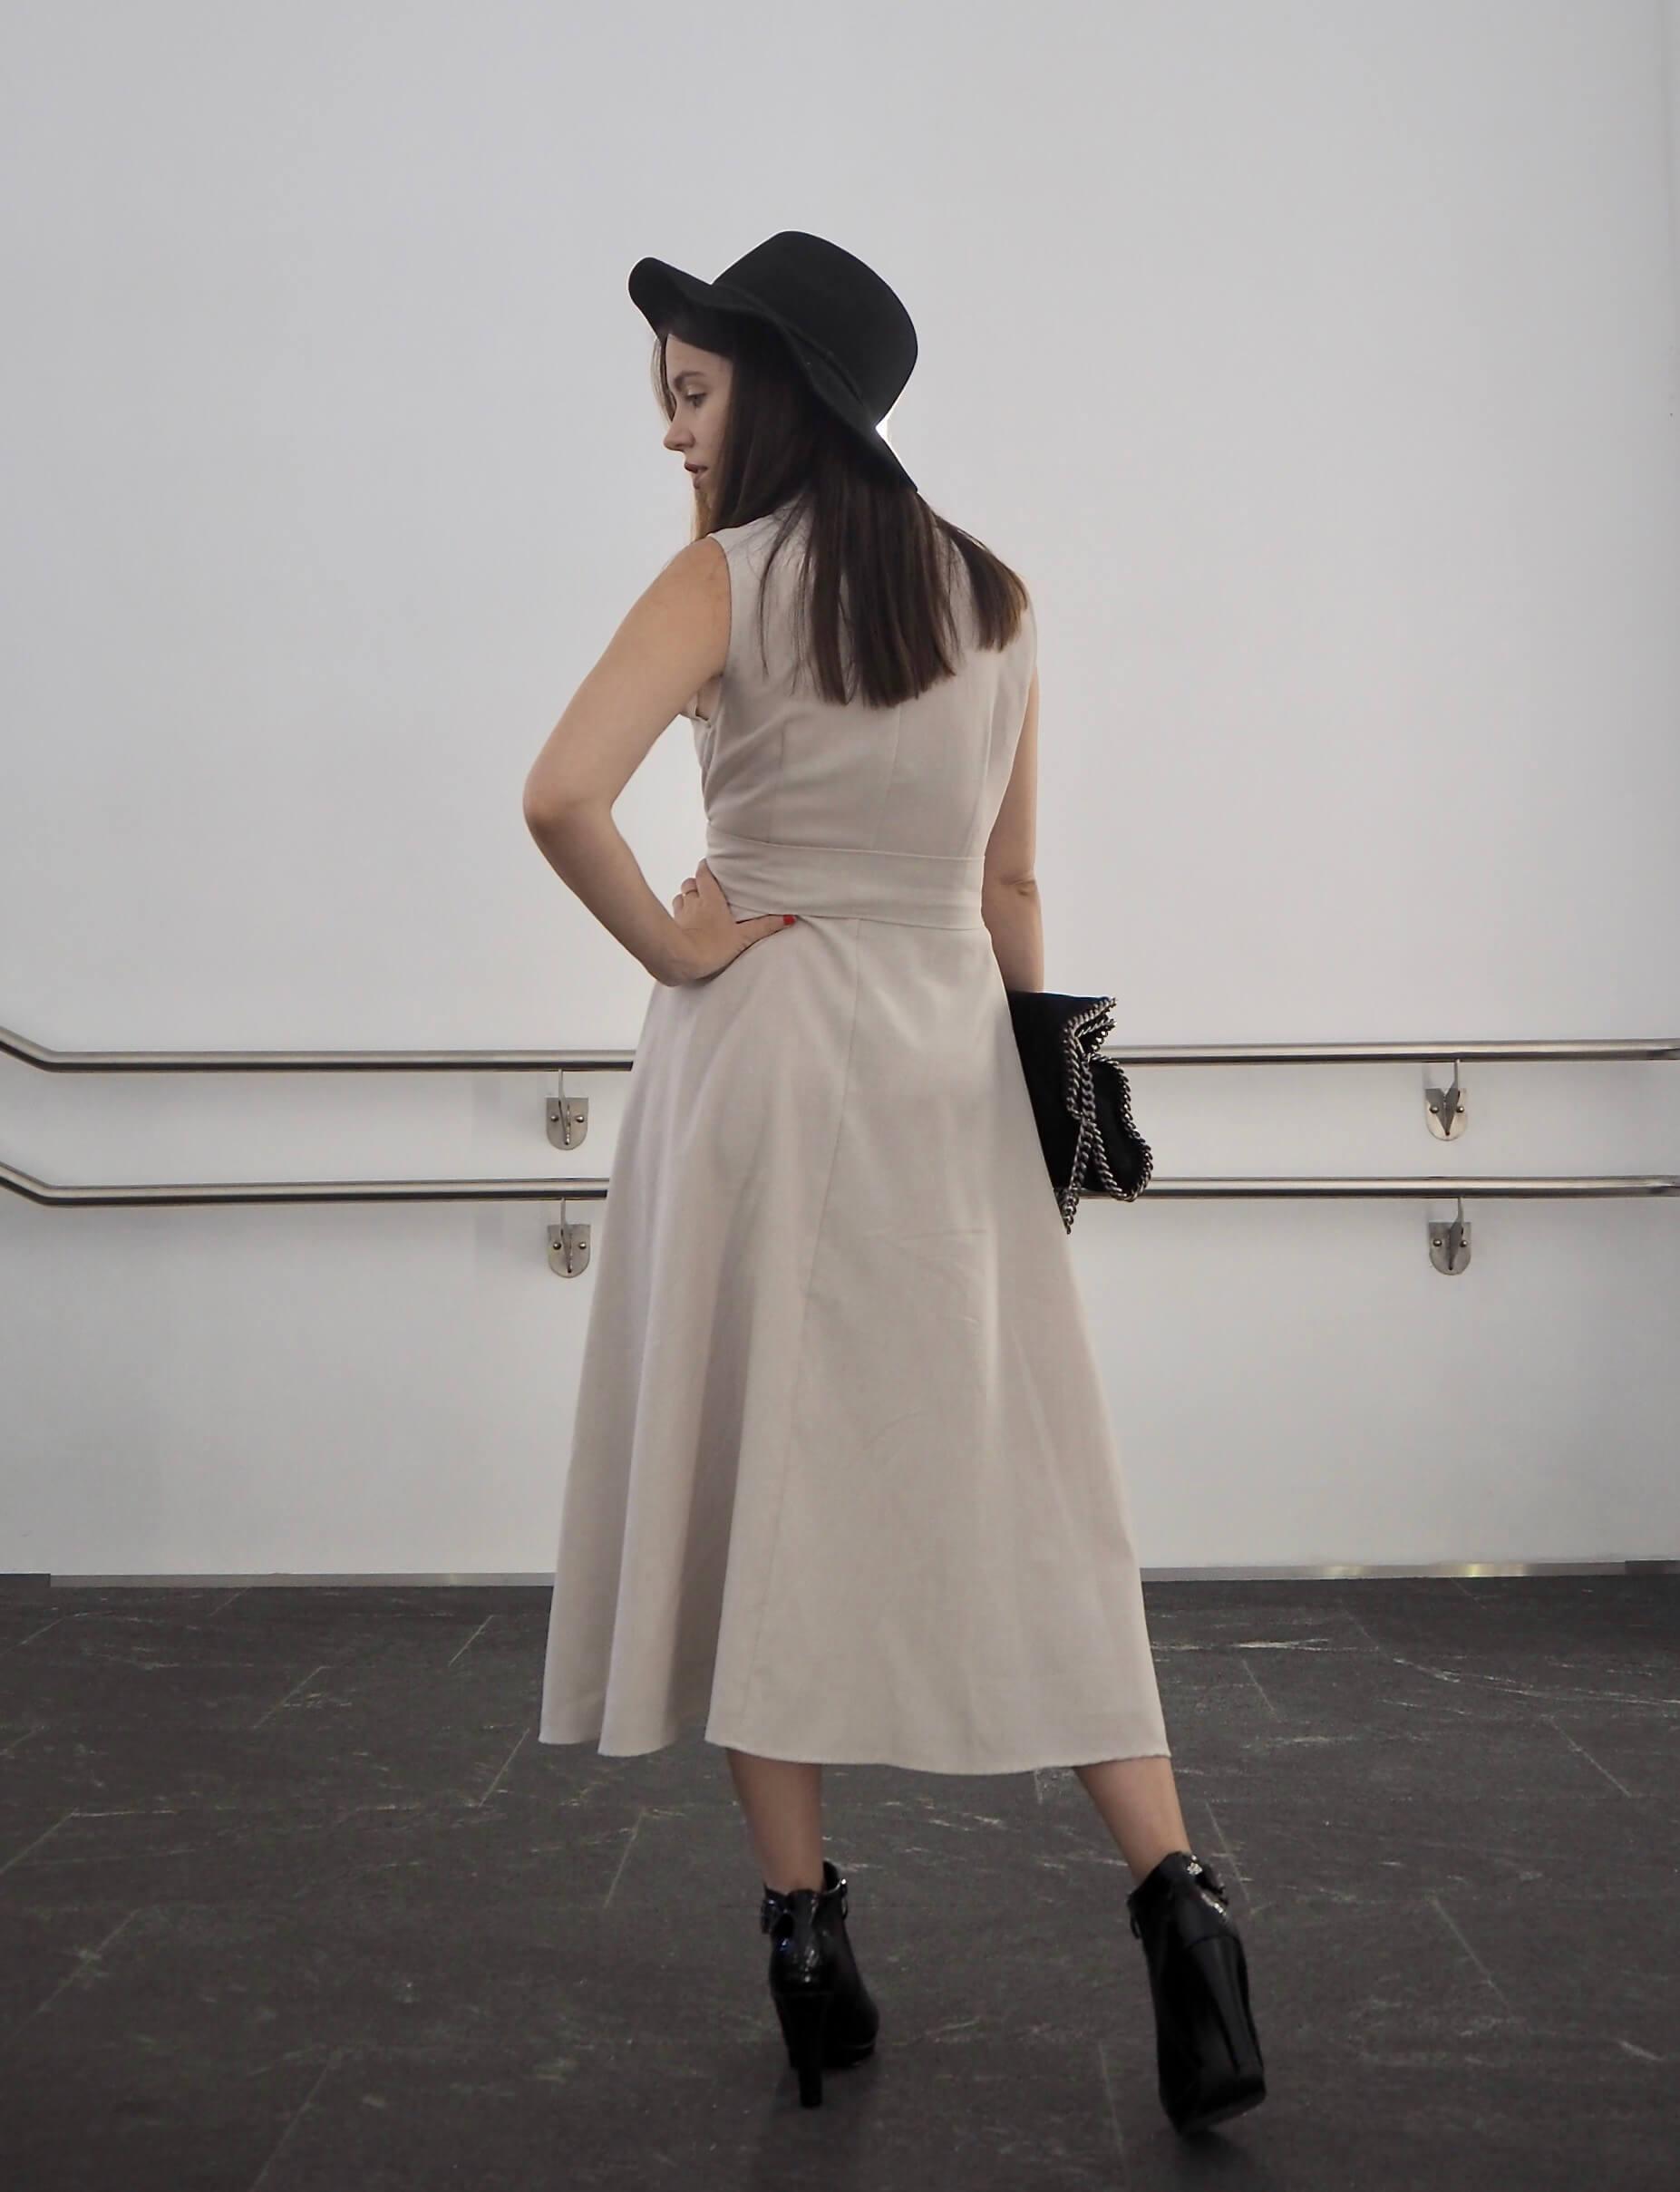 Herbstoutfit mit Hut und Stiefeletten MaryJay